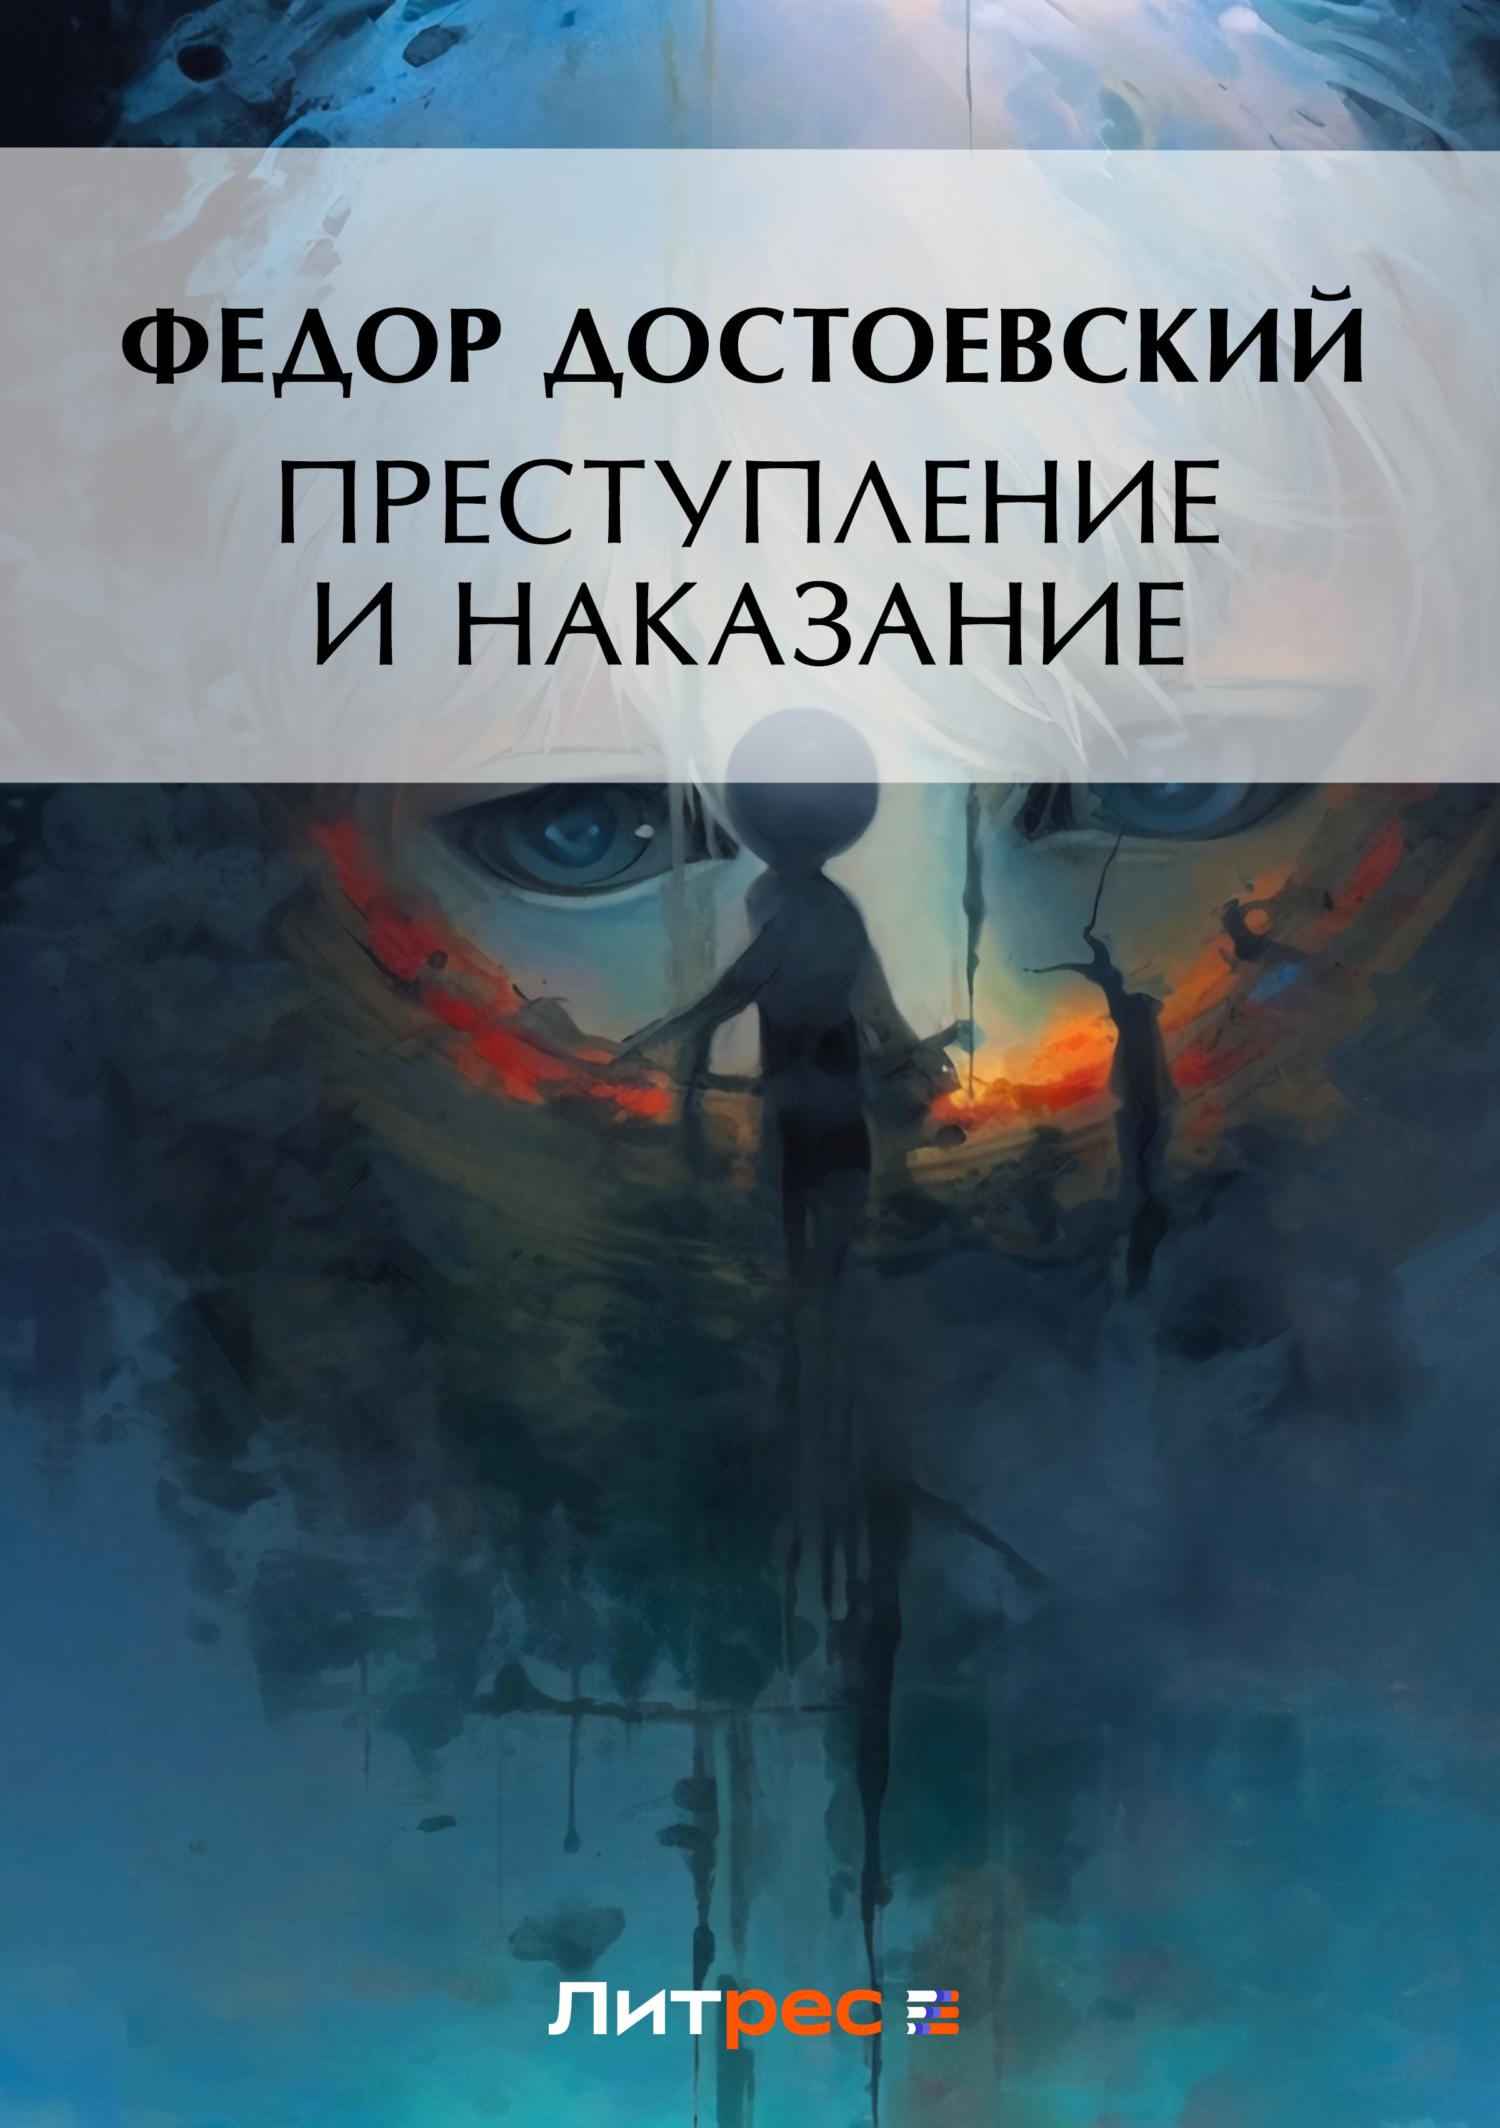 цена на Федор Достоевский Преступление и наказание